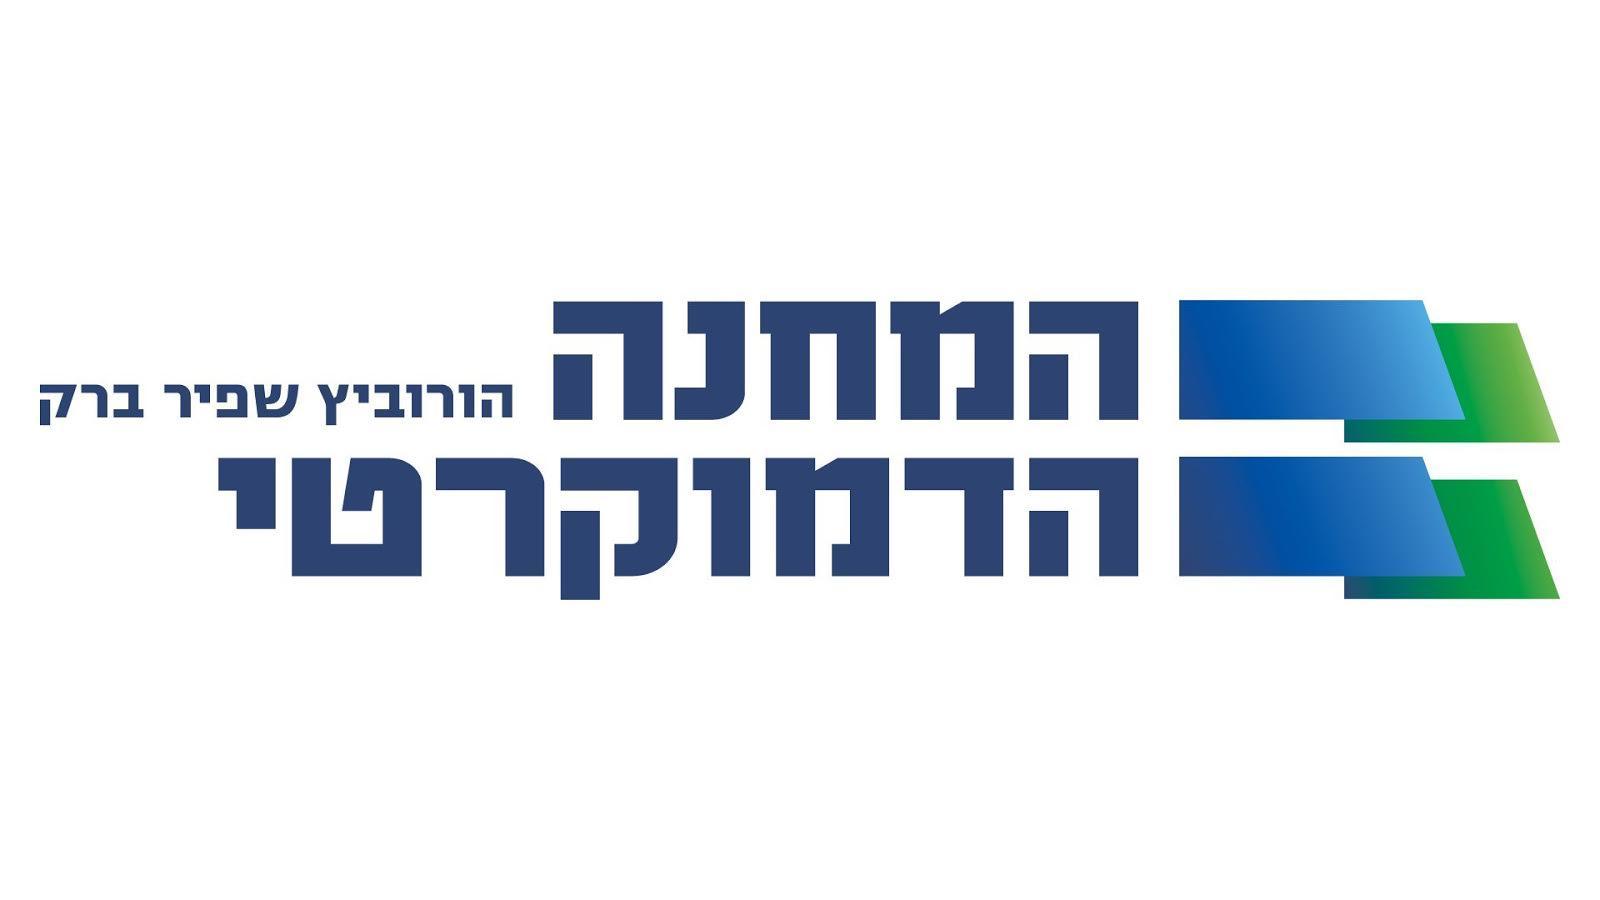 לוגו המחנה הדמוקרטי(צילום - המחנה הדמוקרטי)